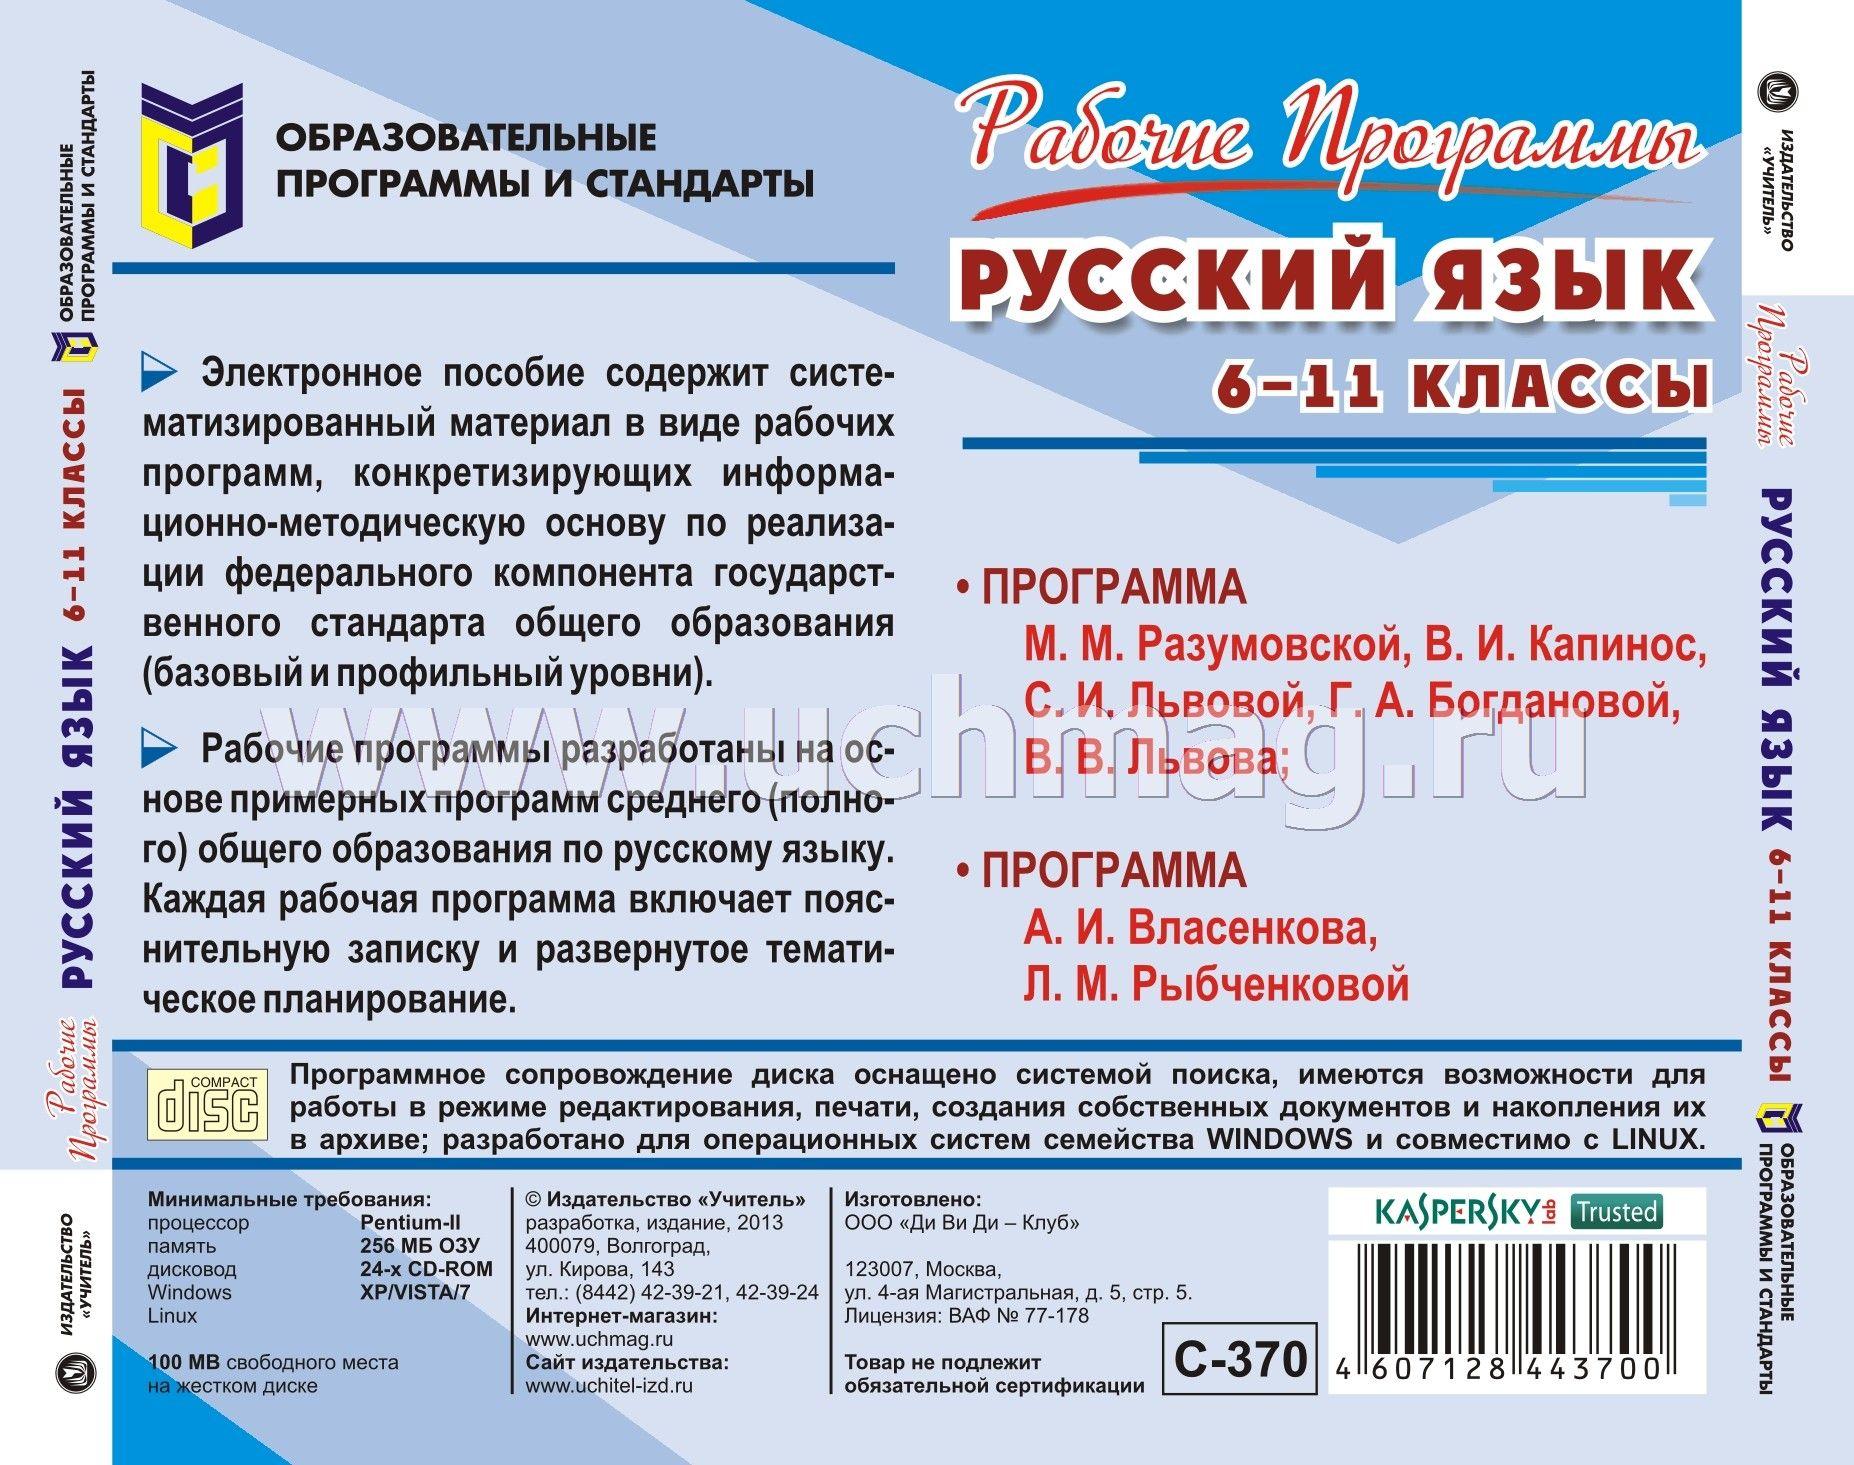 Рабочие программы по русскому языку по программе львовых